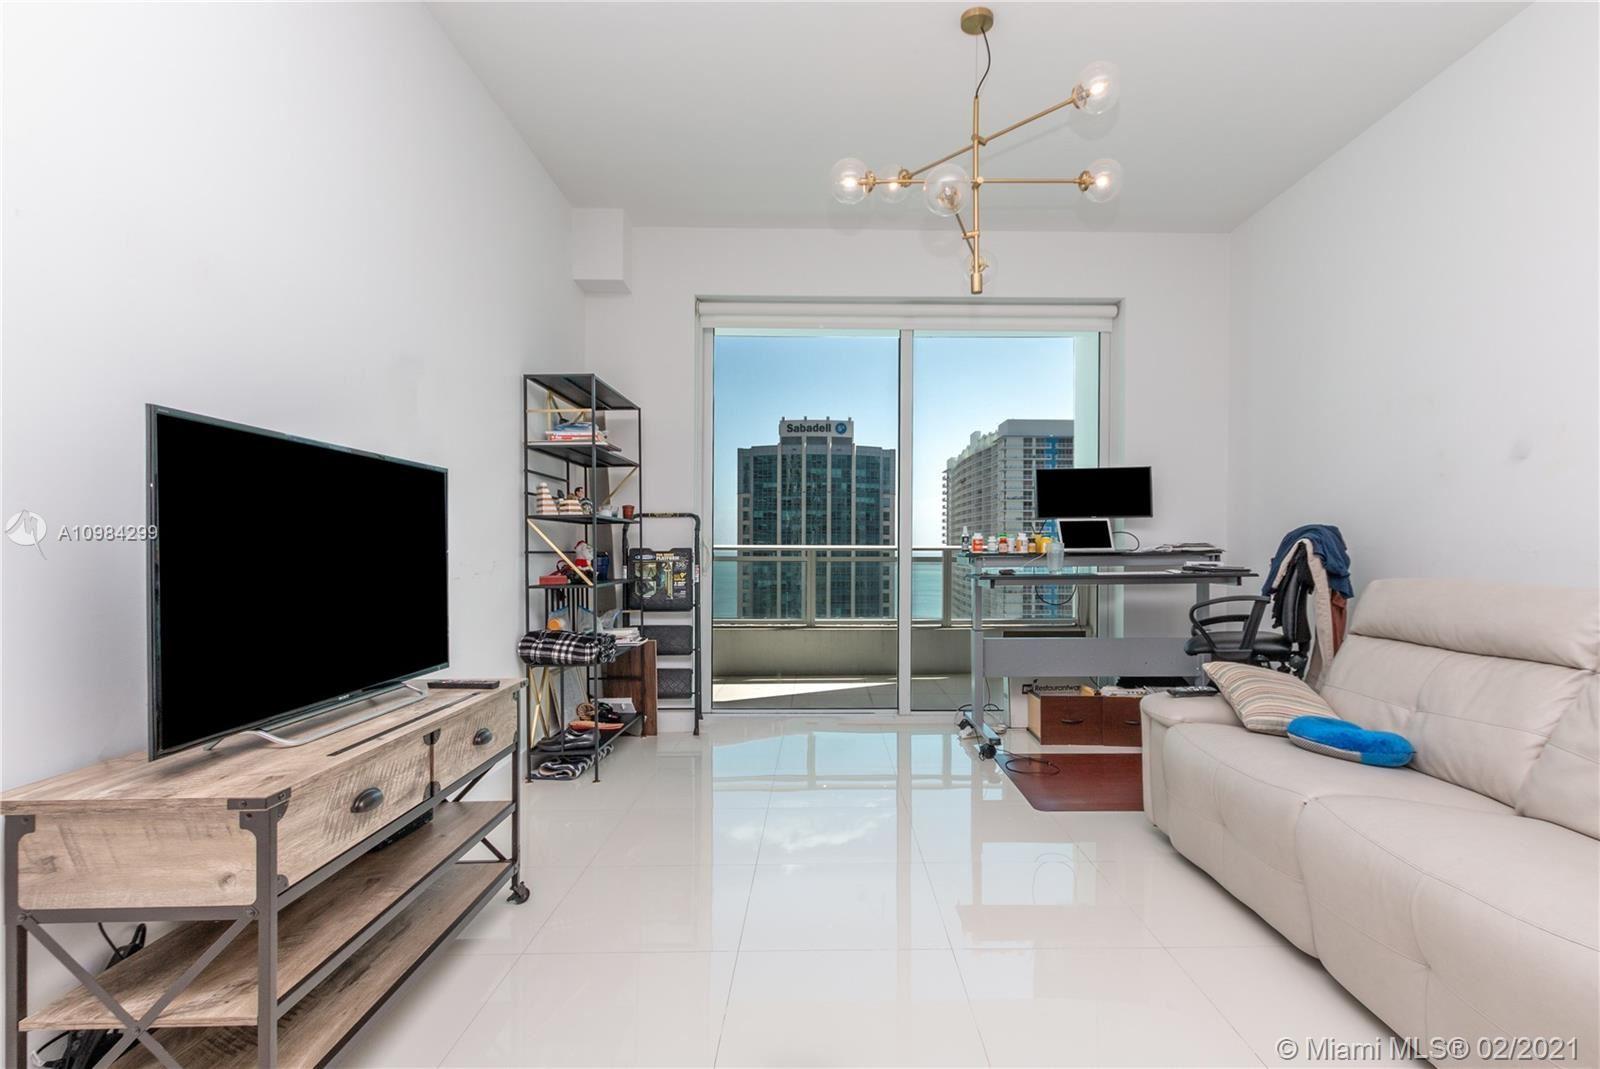 1080 Brickell Ave #2804, Miami, FL 33131 - #: A10984299